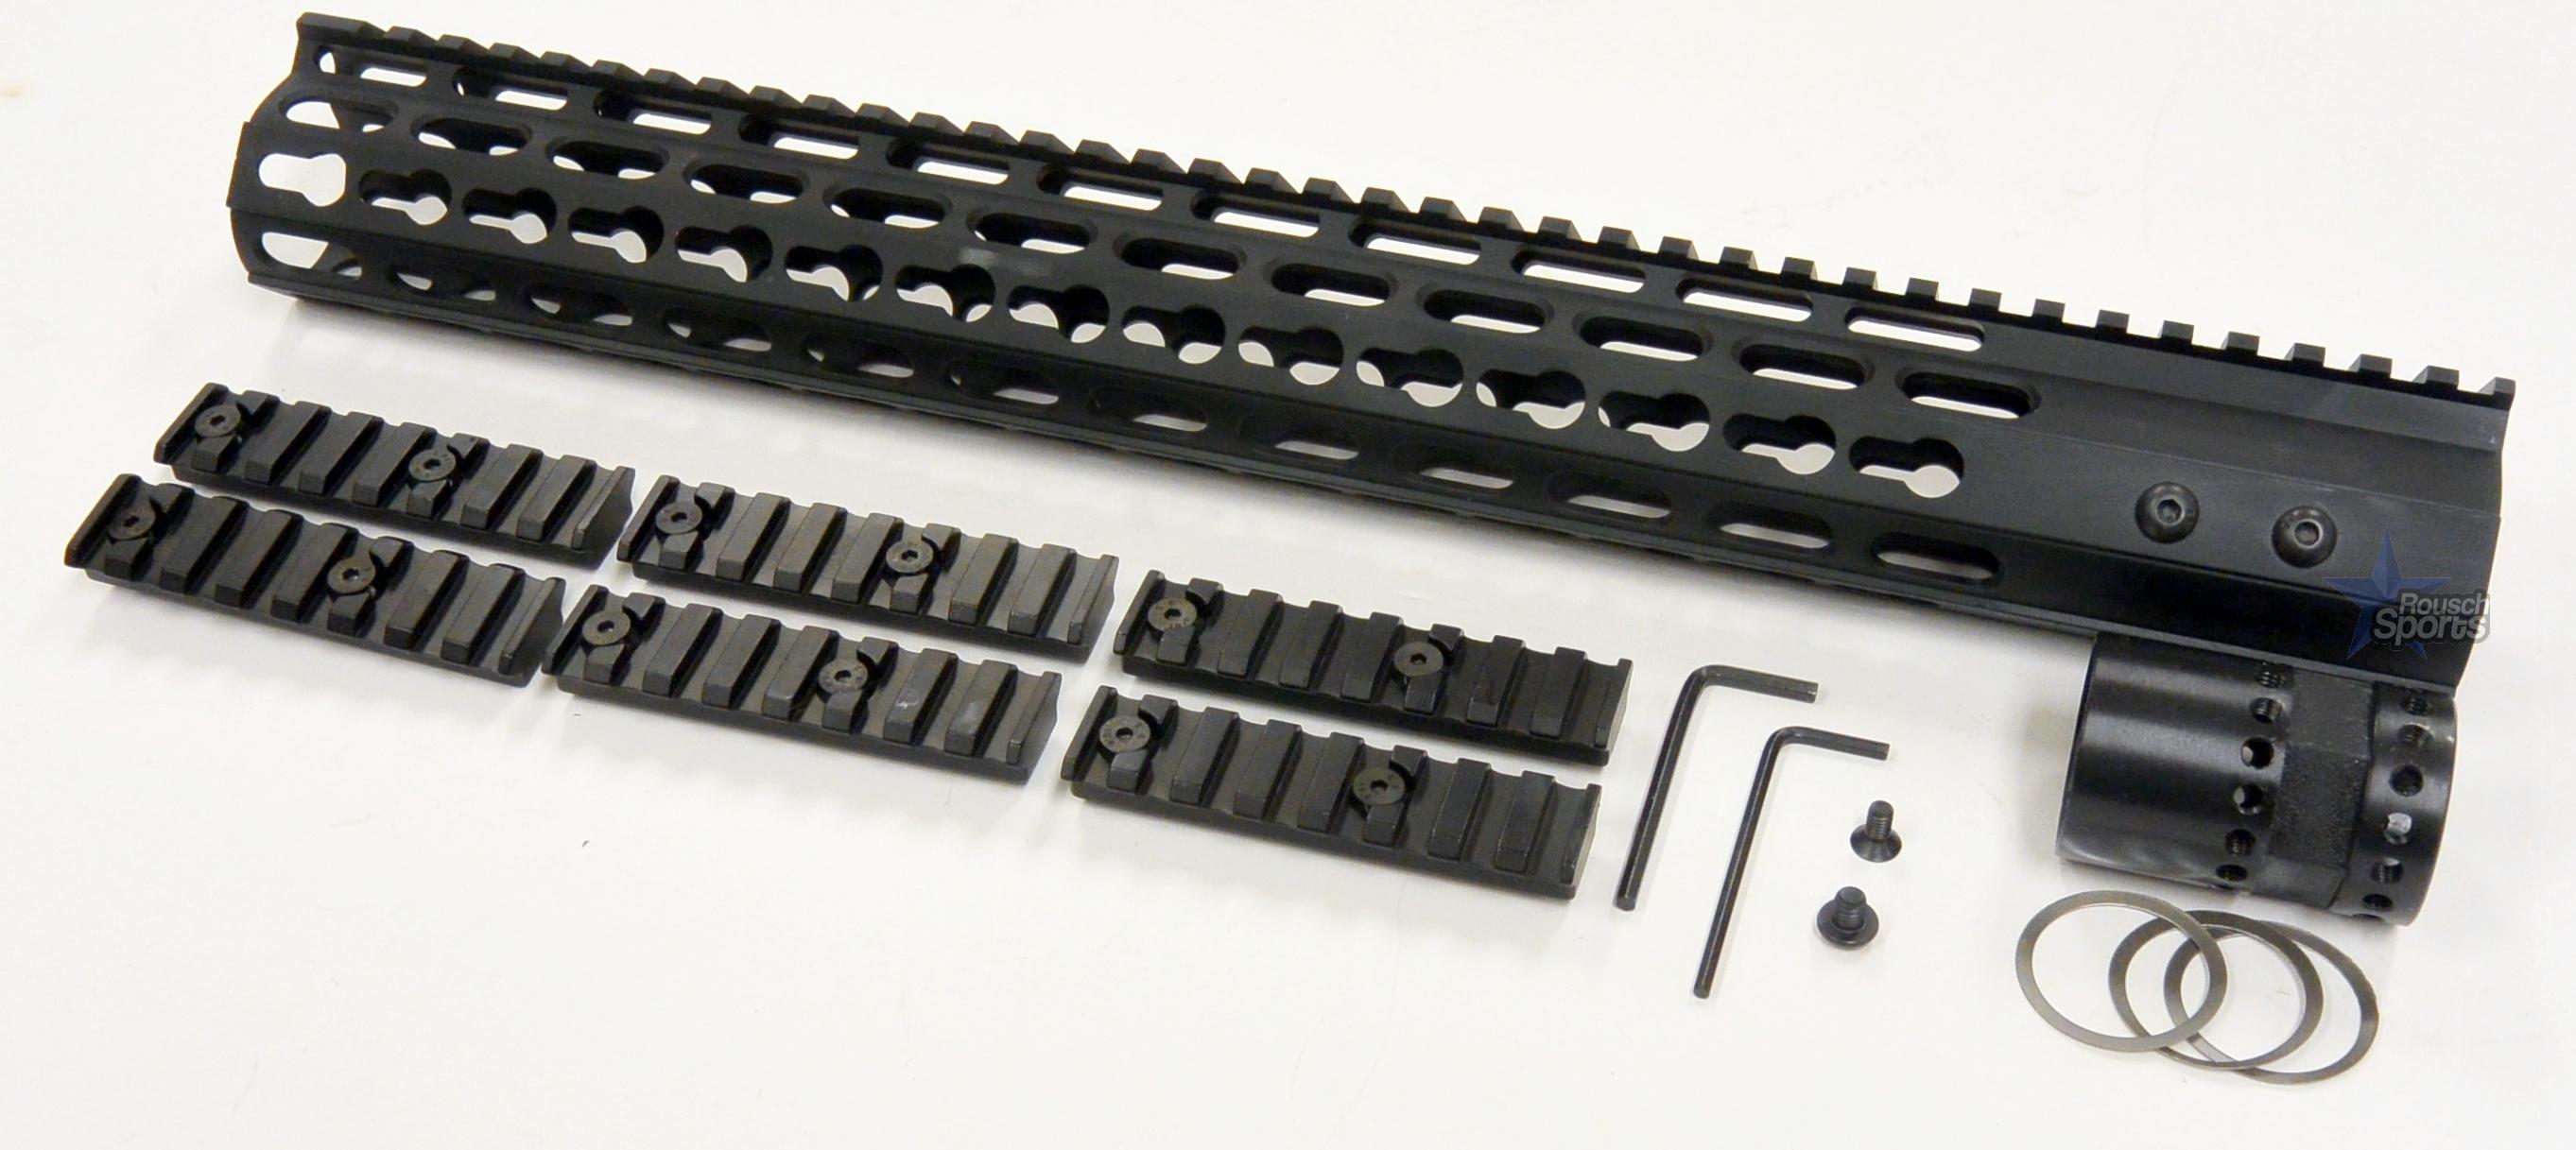 M16a1 Handguard